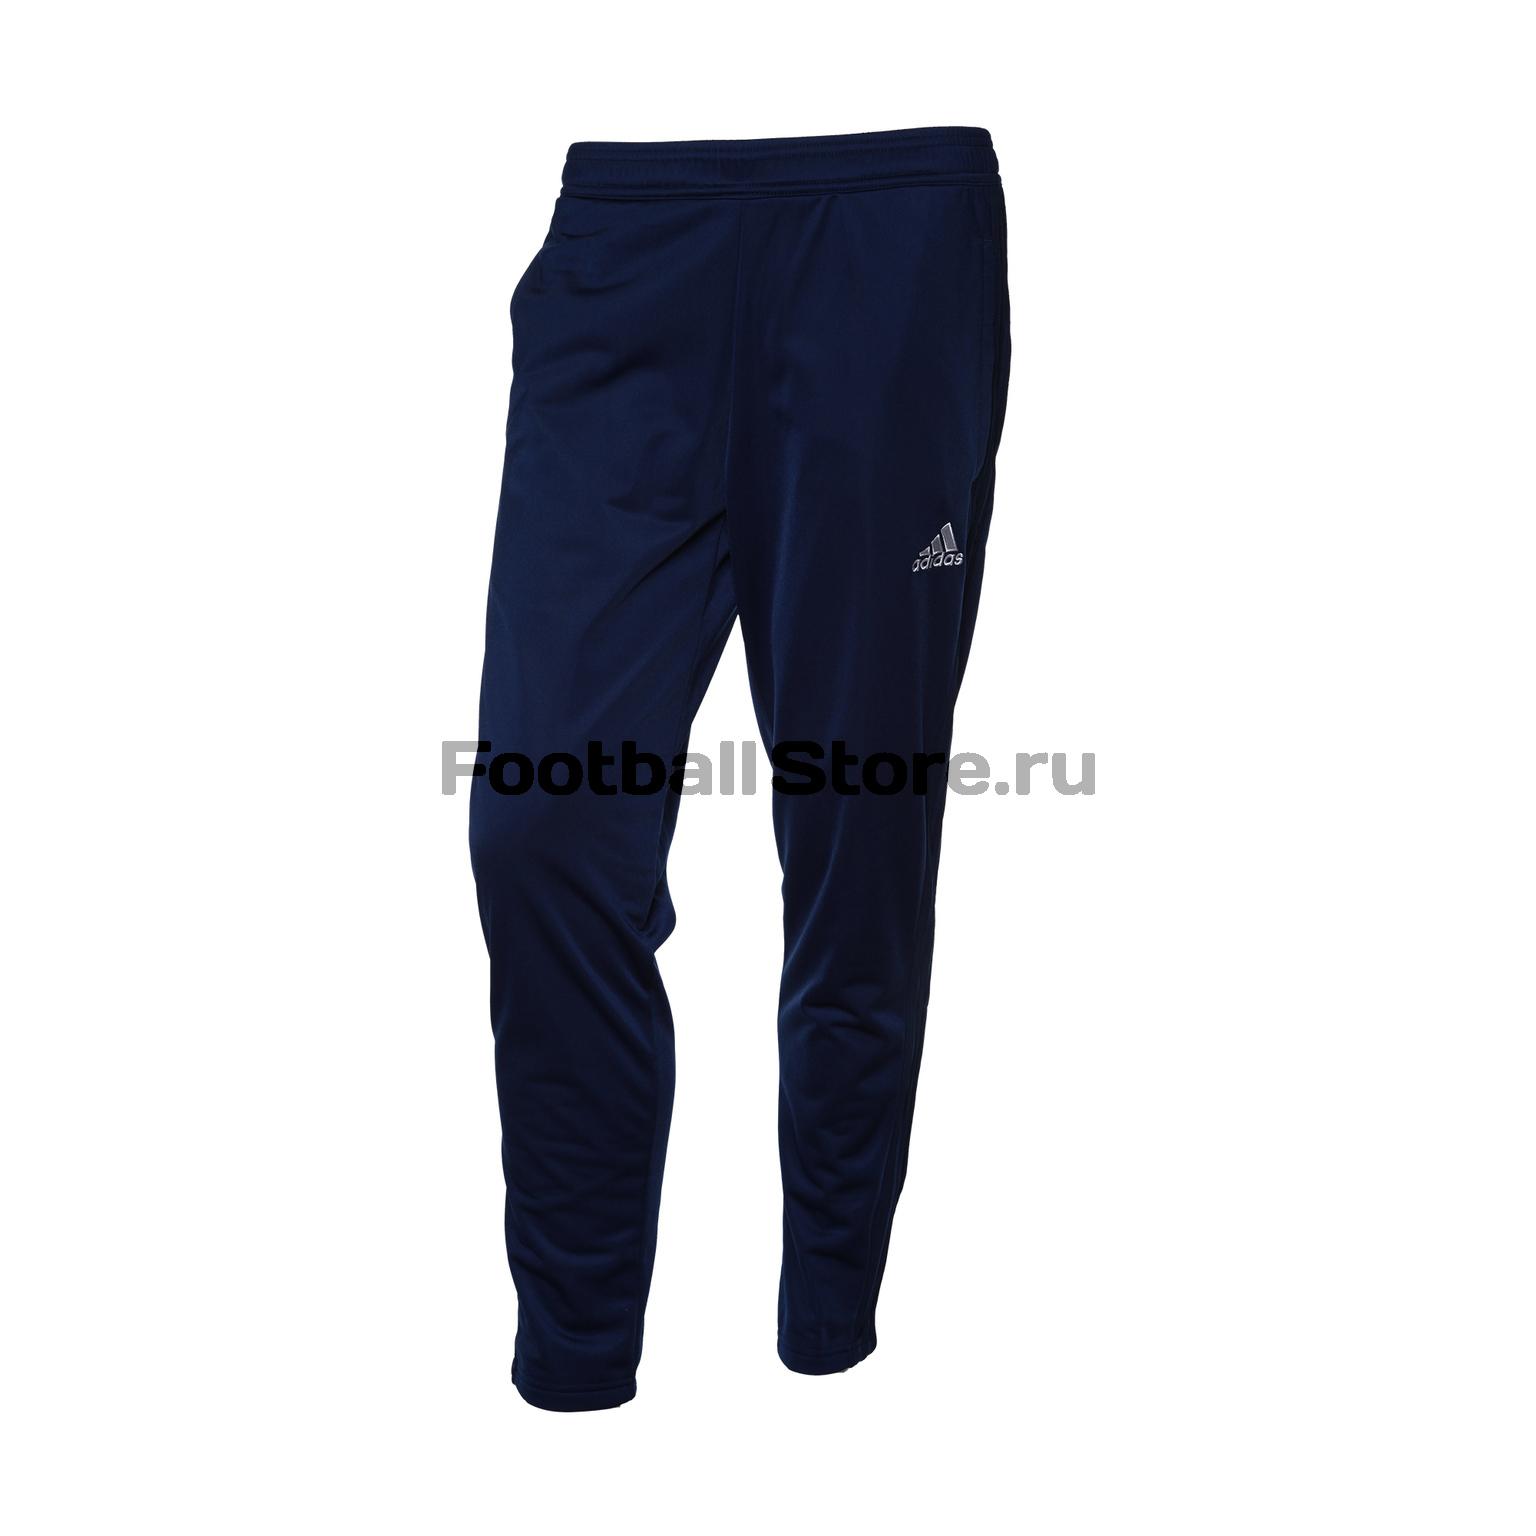 цена на Брюки тренировочные Adidas Con18 Pes Pnt CV8258